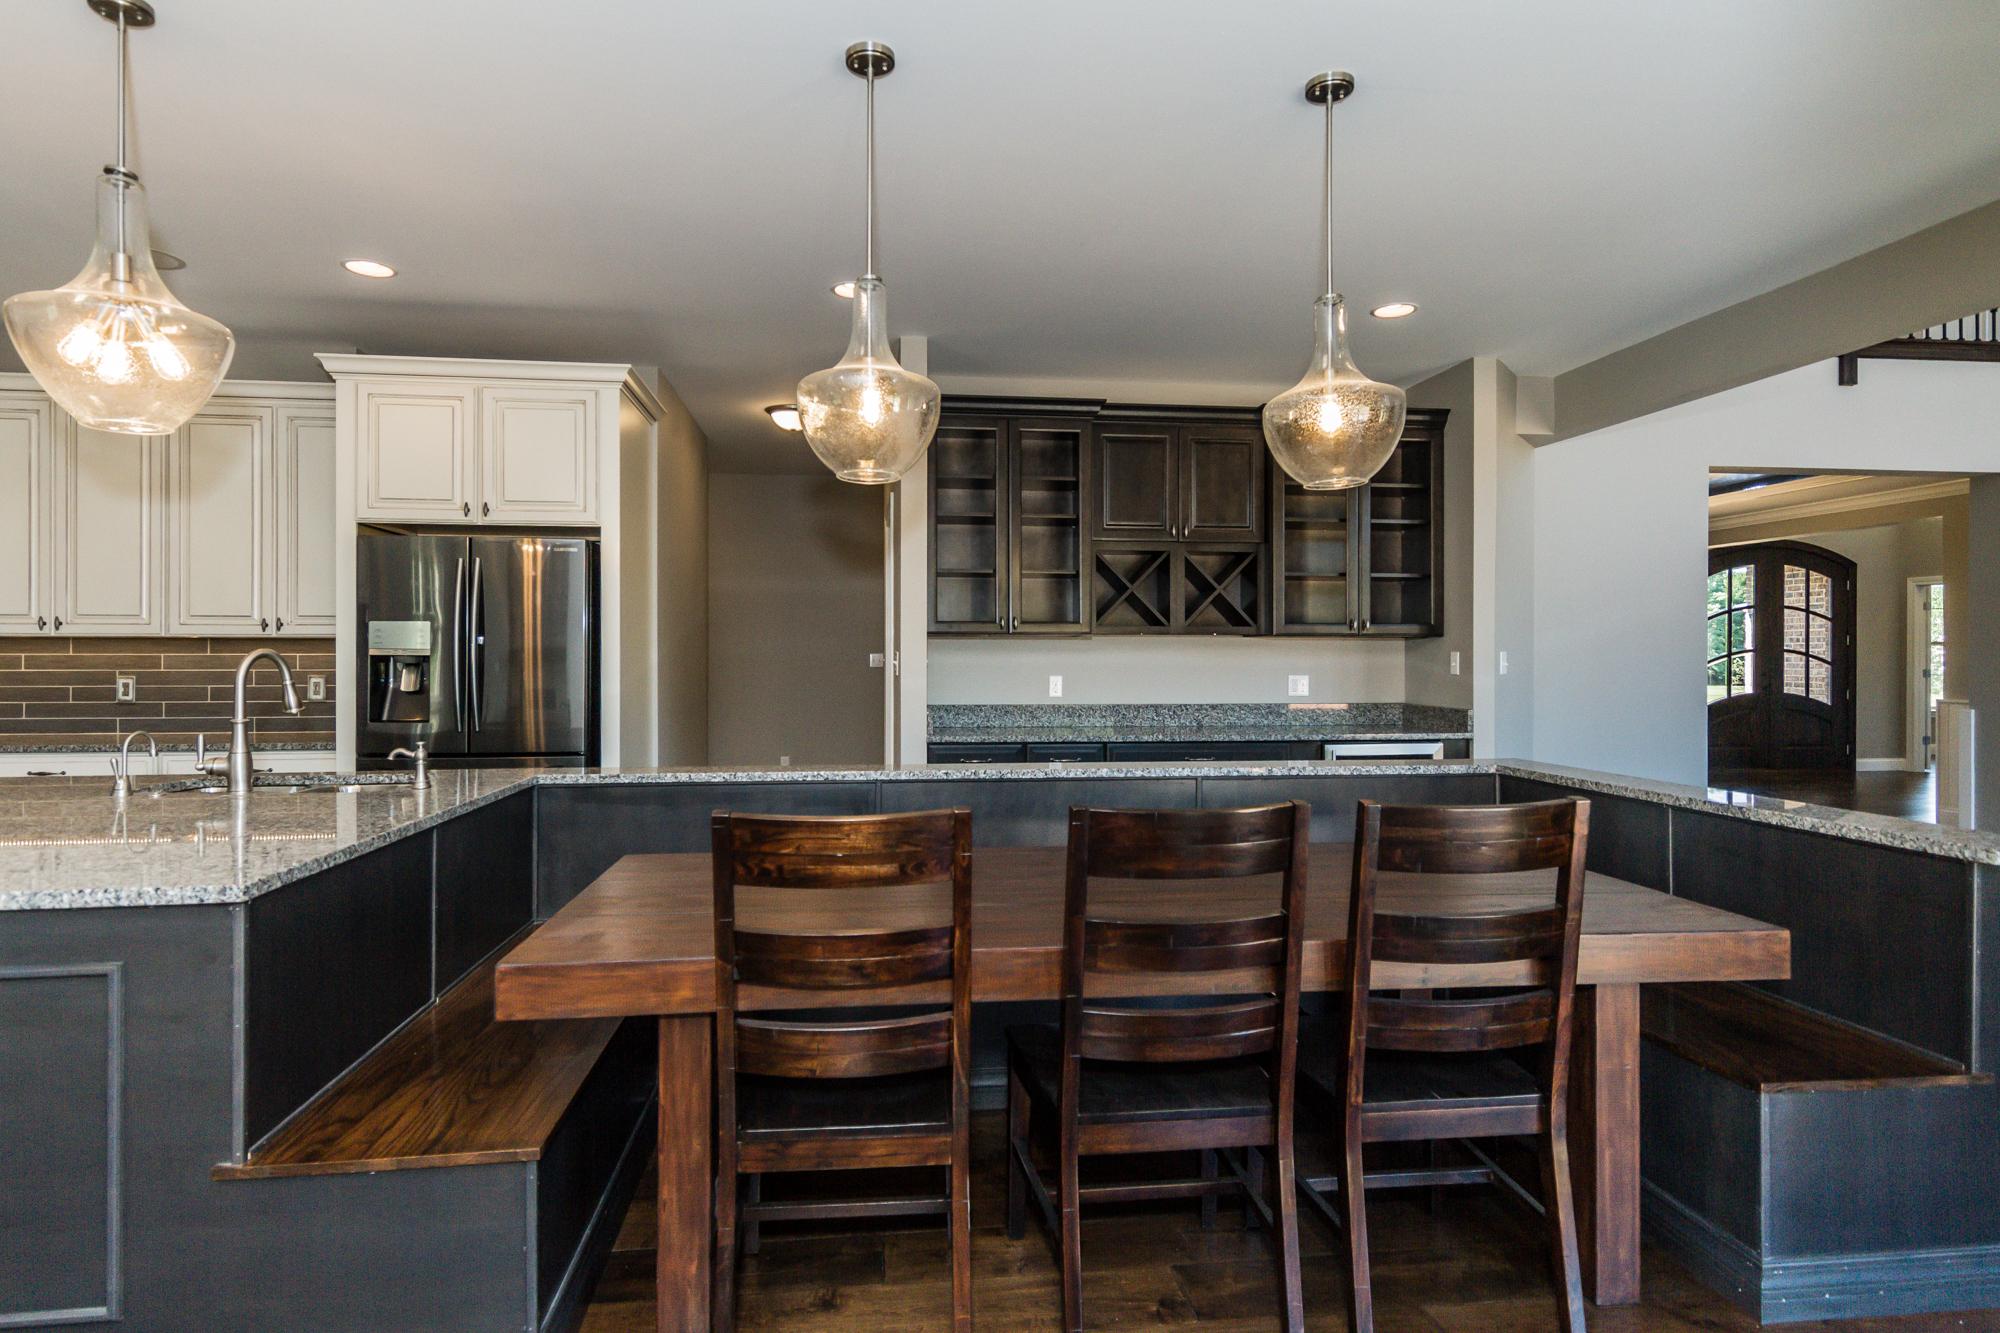 New-Construction-For-Sale-O'Fallon-Illinois-CR-Holland-0-38.jpg